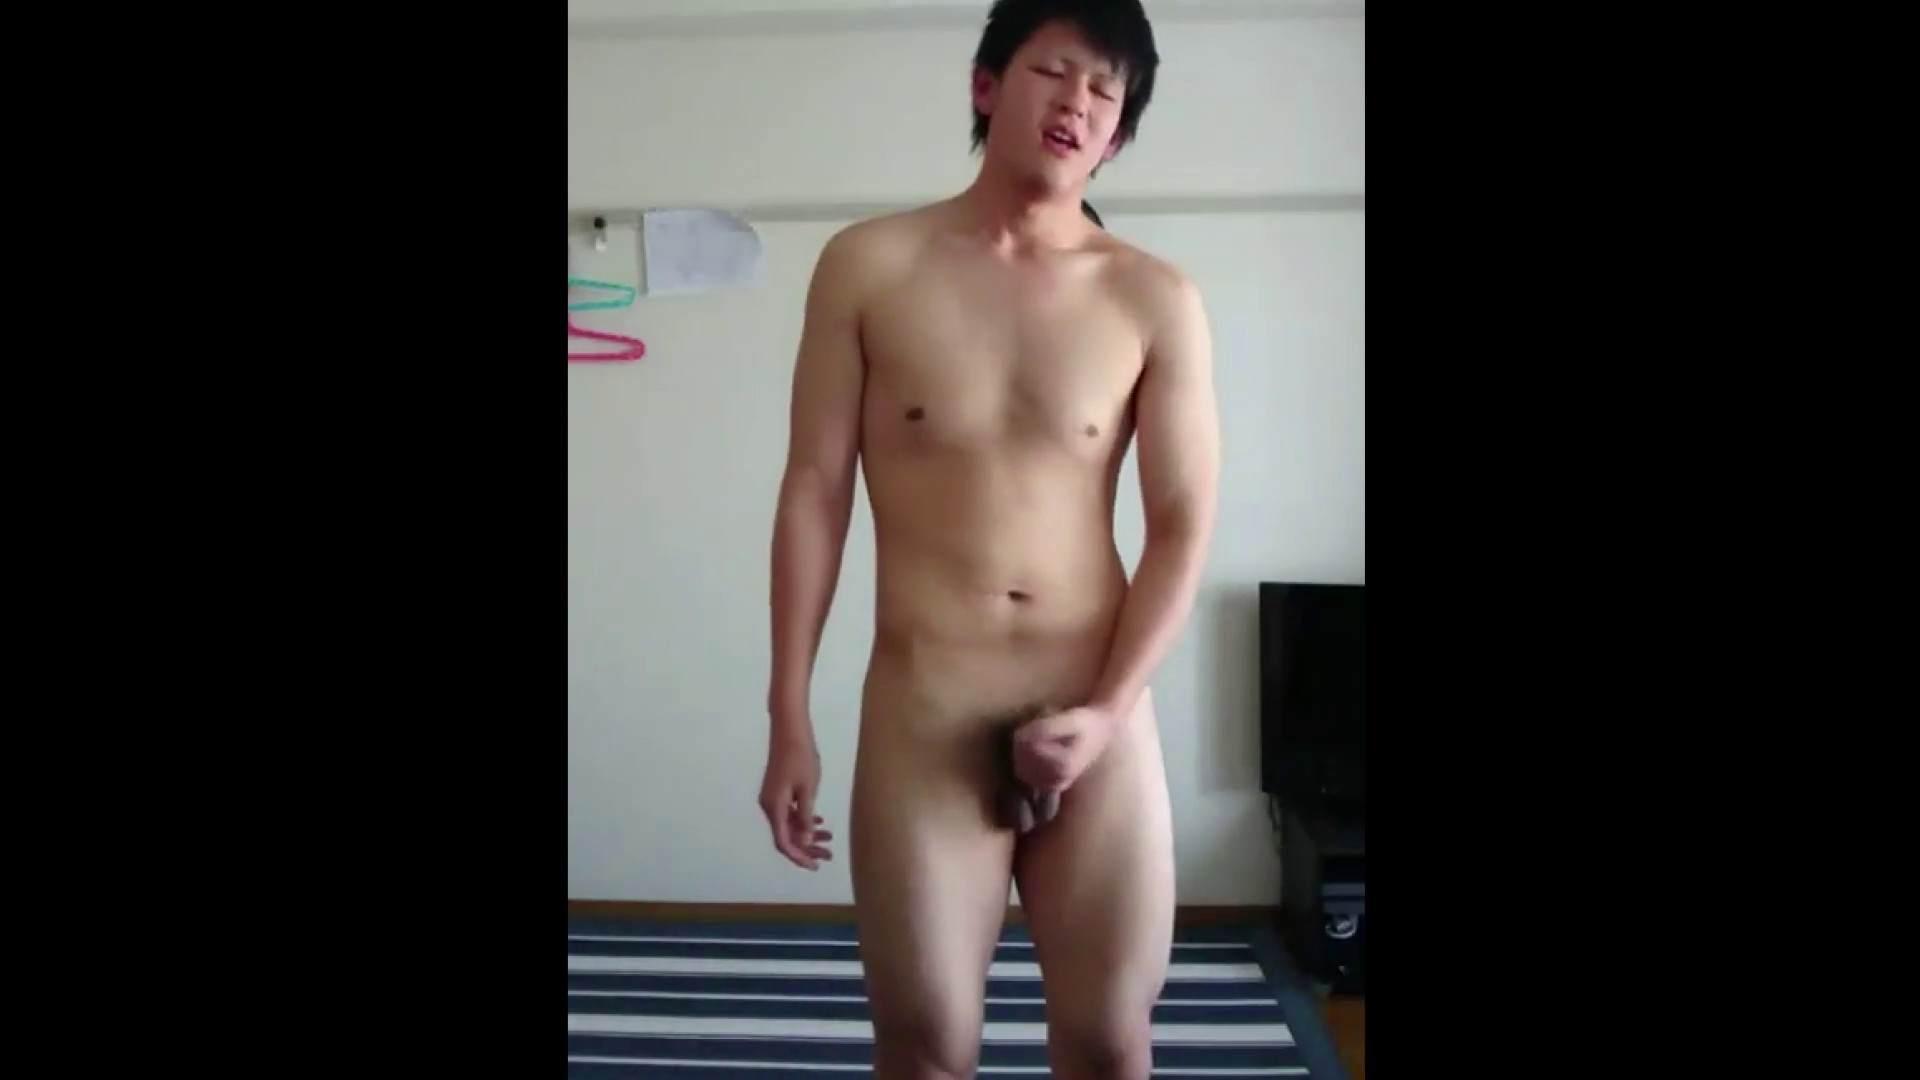 巨根 オナニー塾Vol.29 モ無し エロビデオ紹介 109枚 47